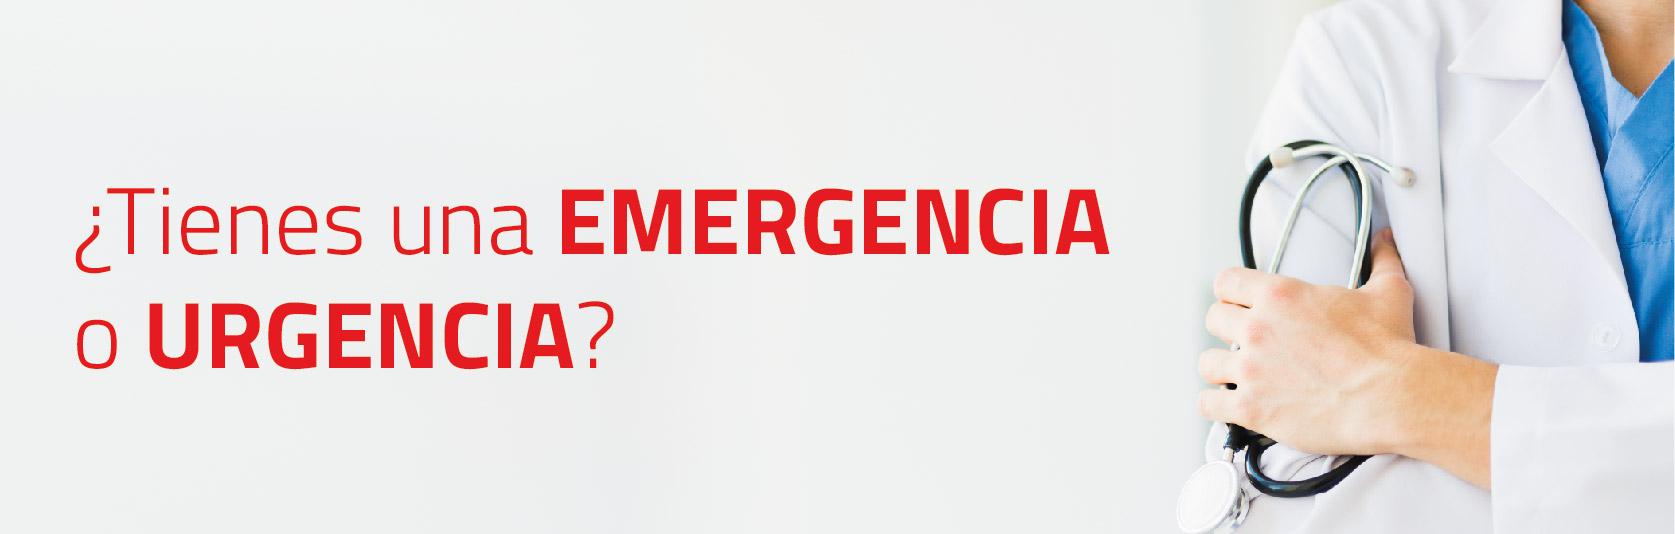 ¿Tienes una EMERGENCIA o URGENCIA? – San Pablo Huaraz